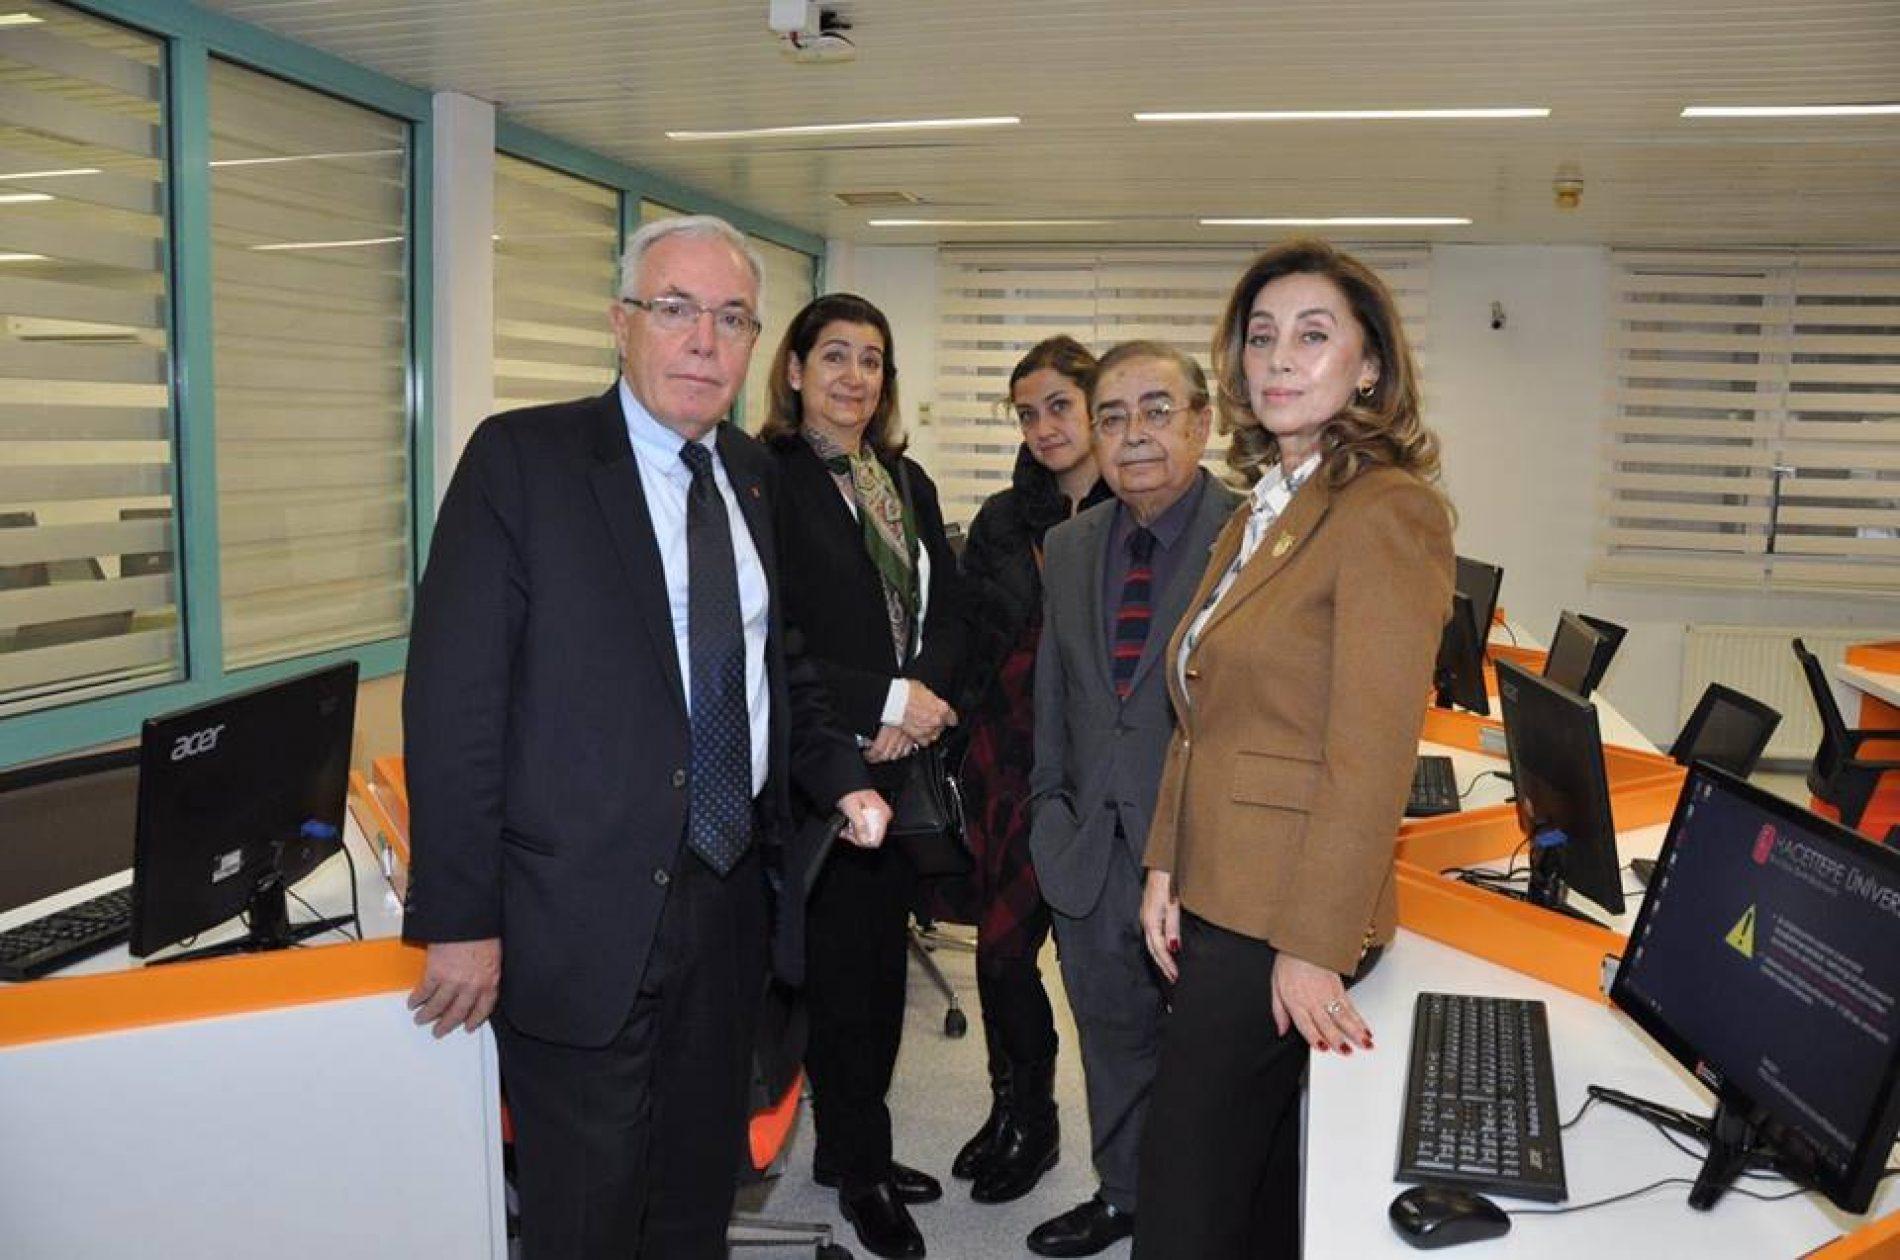 TYSD Cihan Eren Anısına H.Ü Tıp Fakültesinde Yaptırılan E-Sınav Merkezinin Açılışı